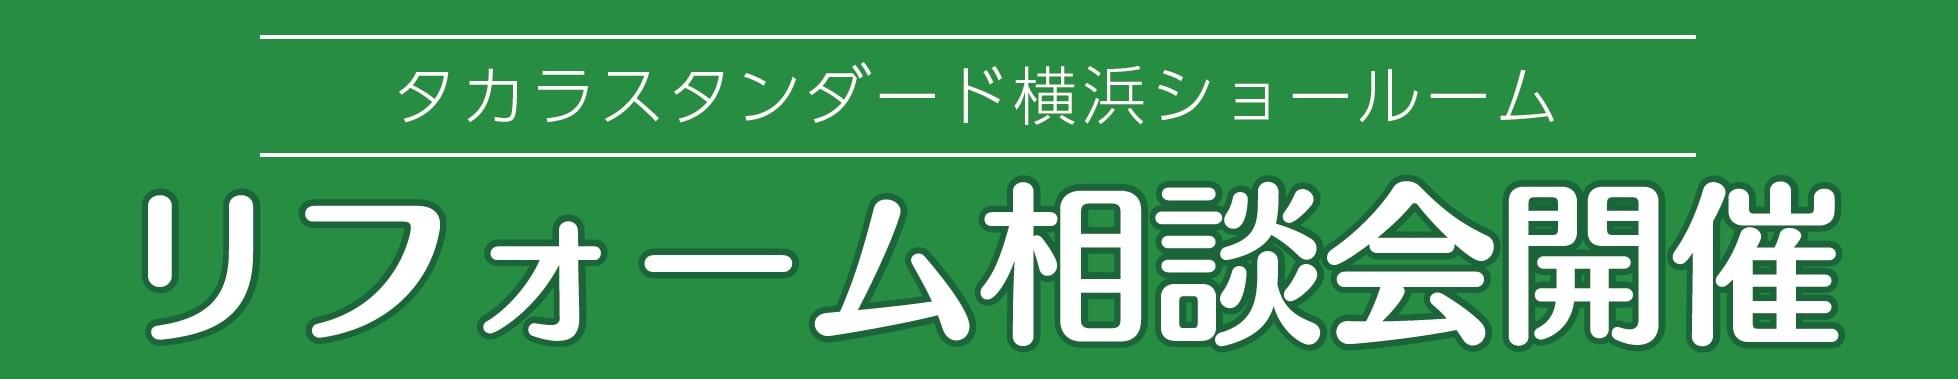 タカラスタンダード横浜ショールームリフォーム相談会開催